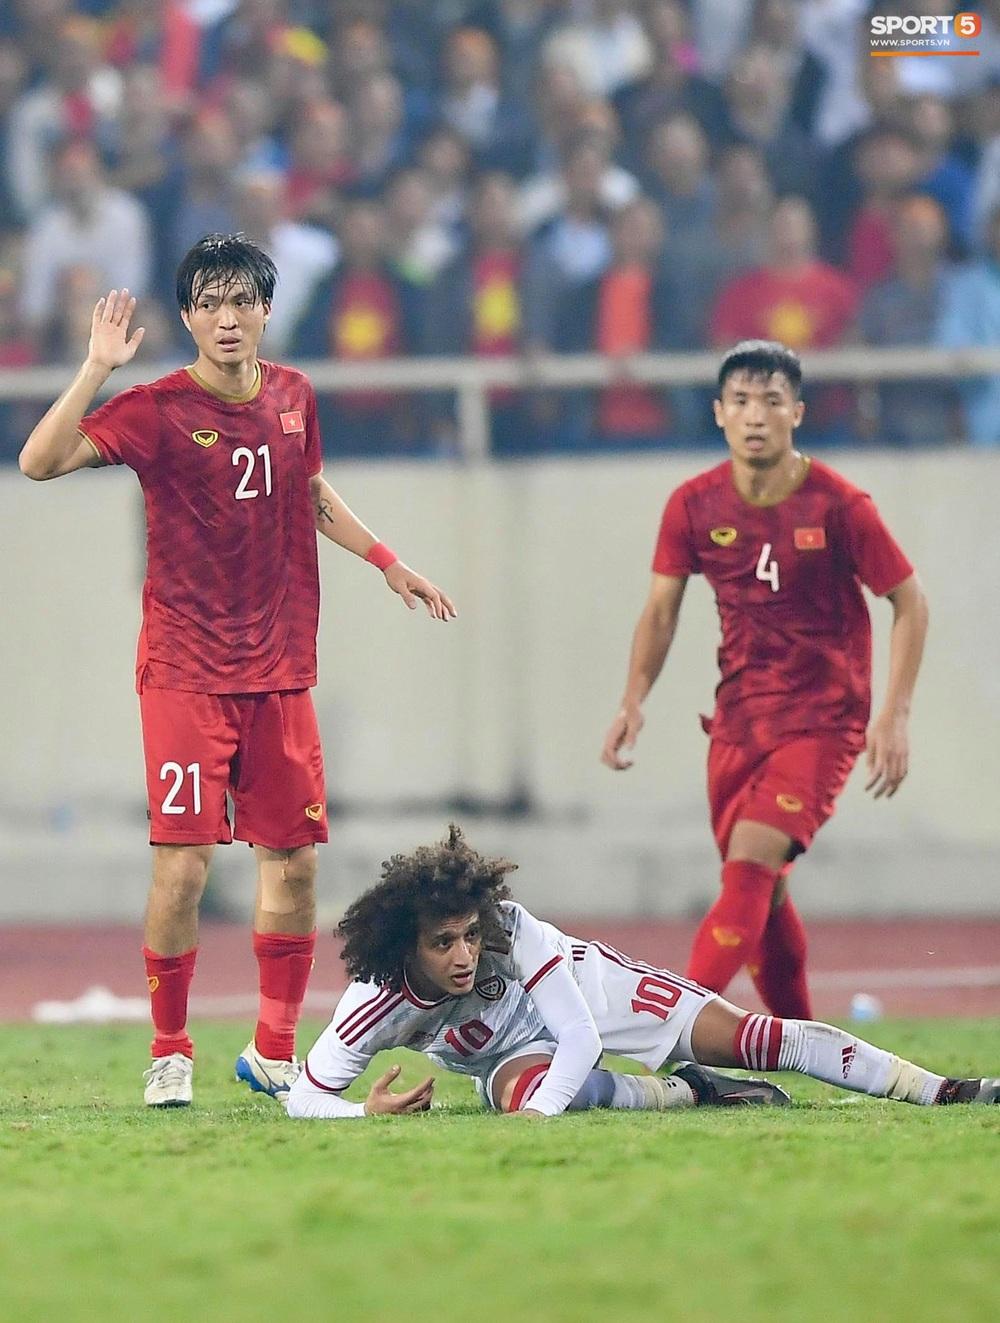 Đôi chân pha lê Tuấn Anh vô hiệu hóa cầu thủ UAE hay nhất châu Á - Ảnh 7.